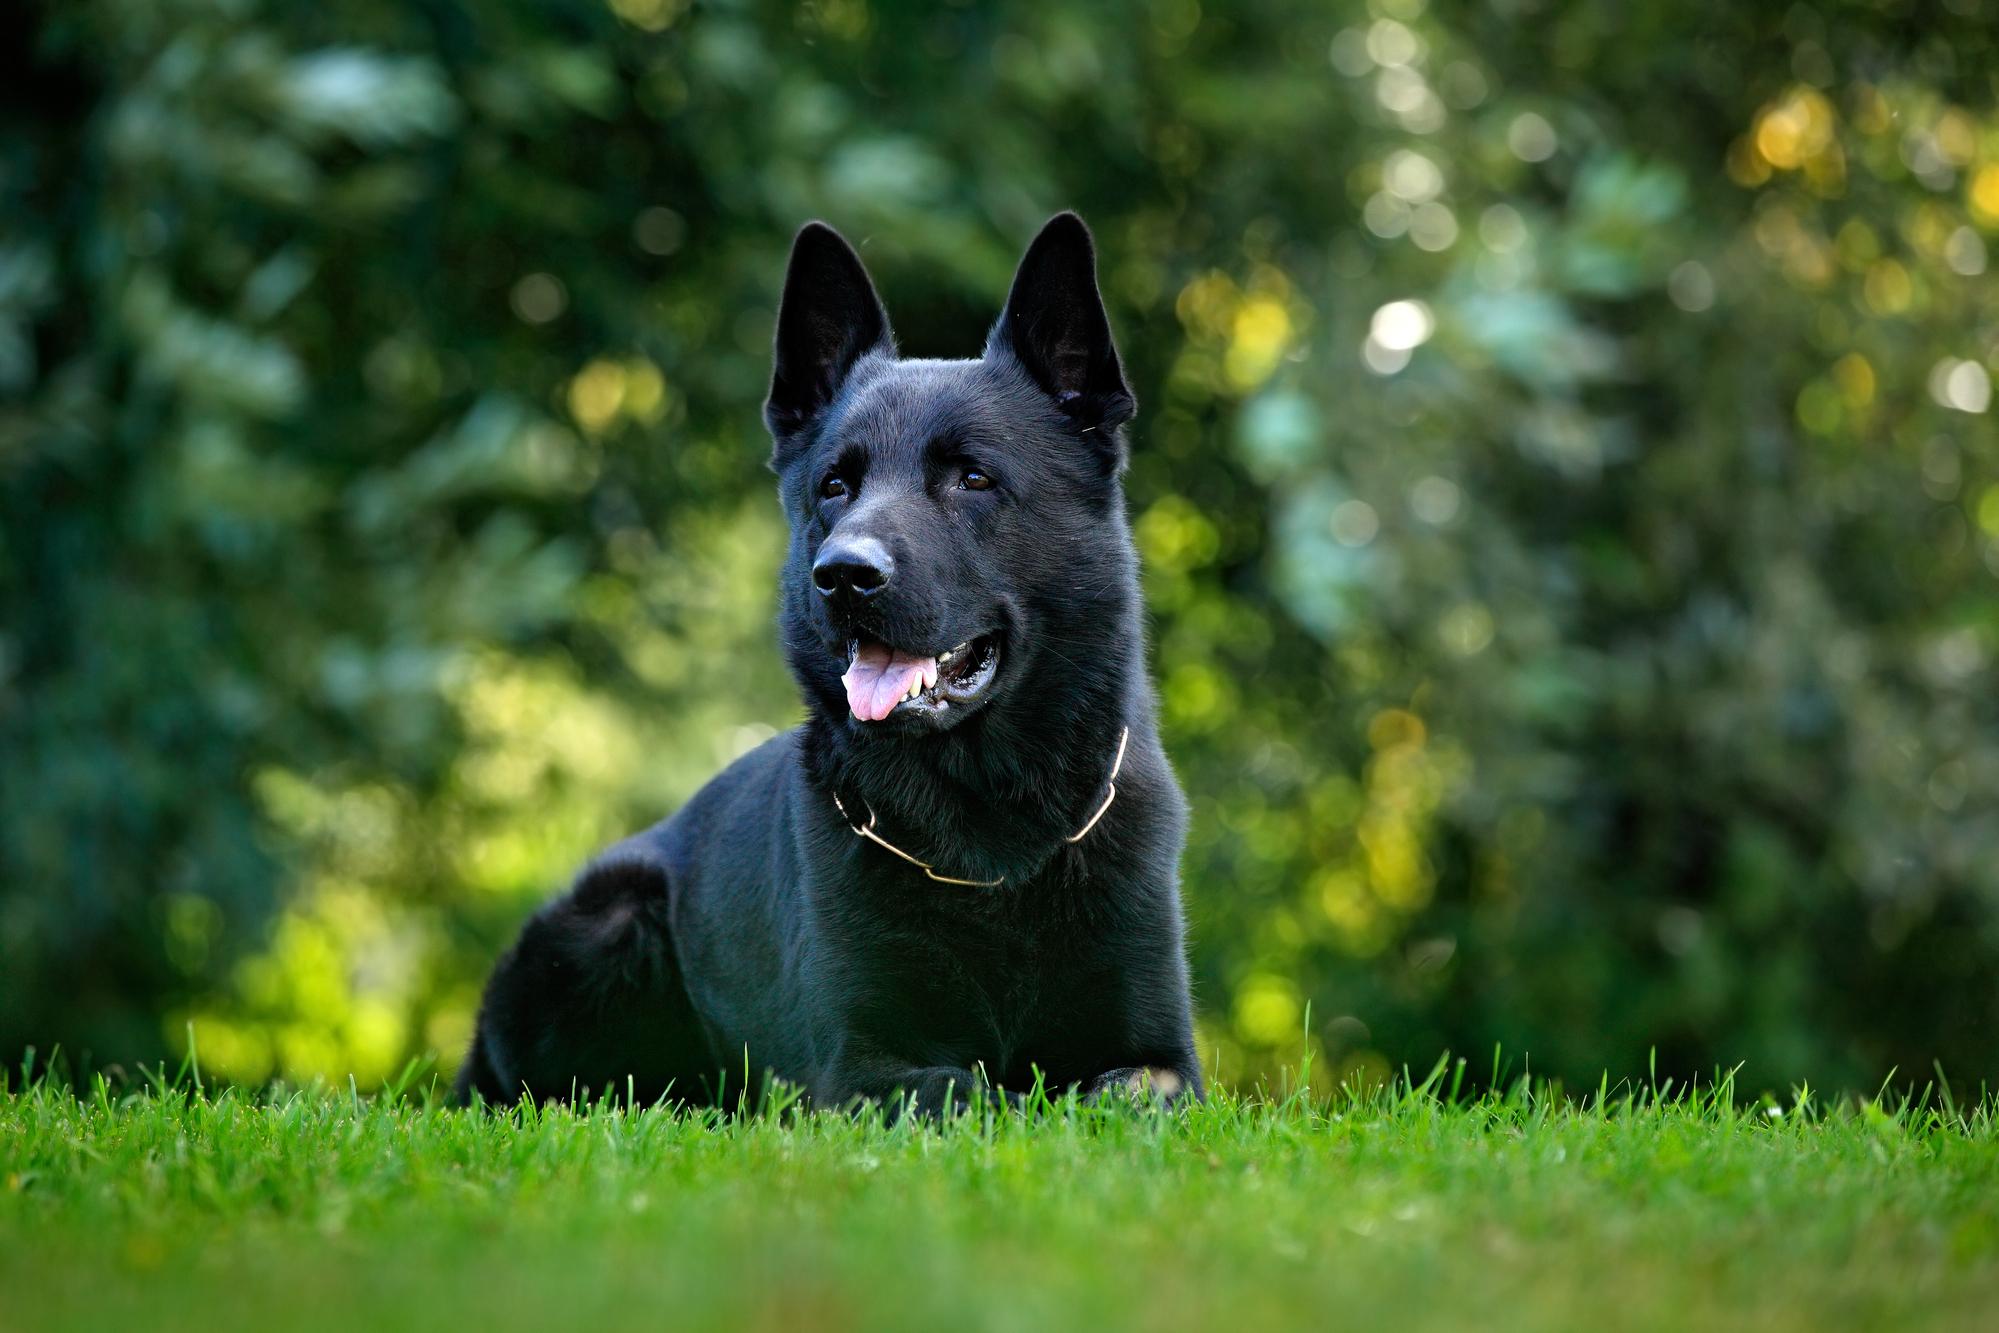 בלתי רגיל רועה גרמני קו דם עבודה -LADOG -אילוף ומכירה של כלבי רועה גרמני עבודה QA-46